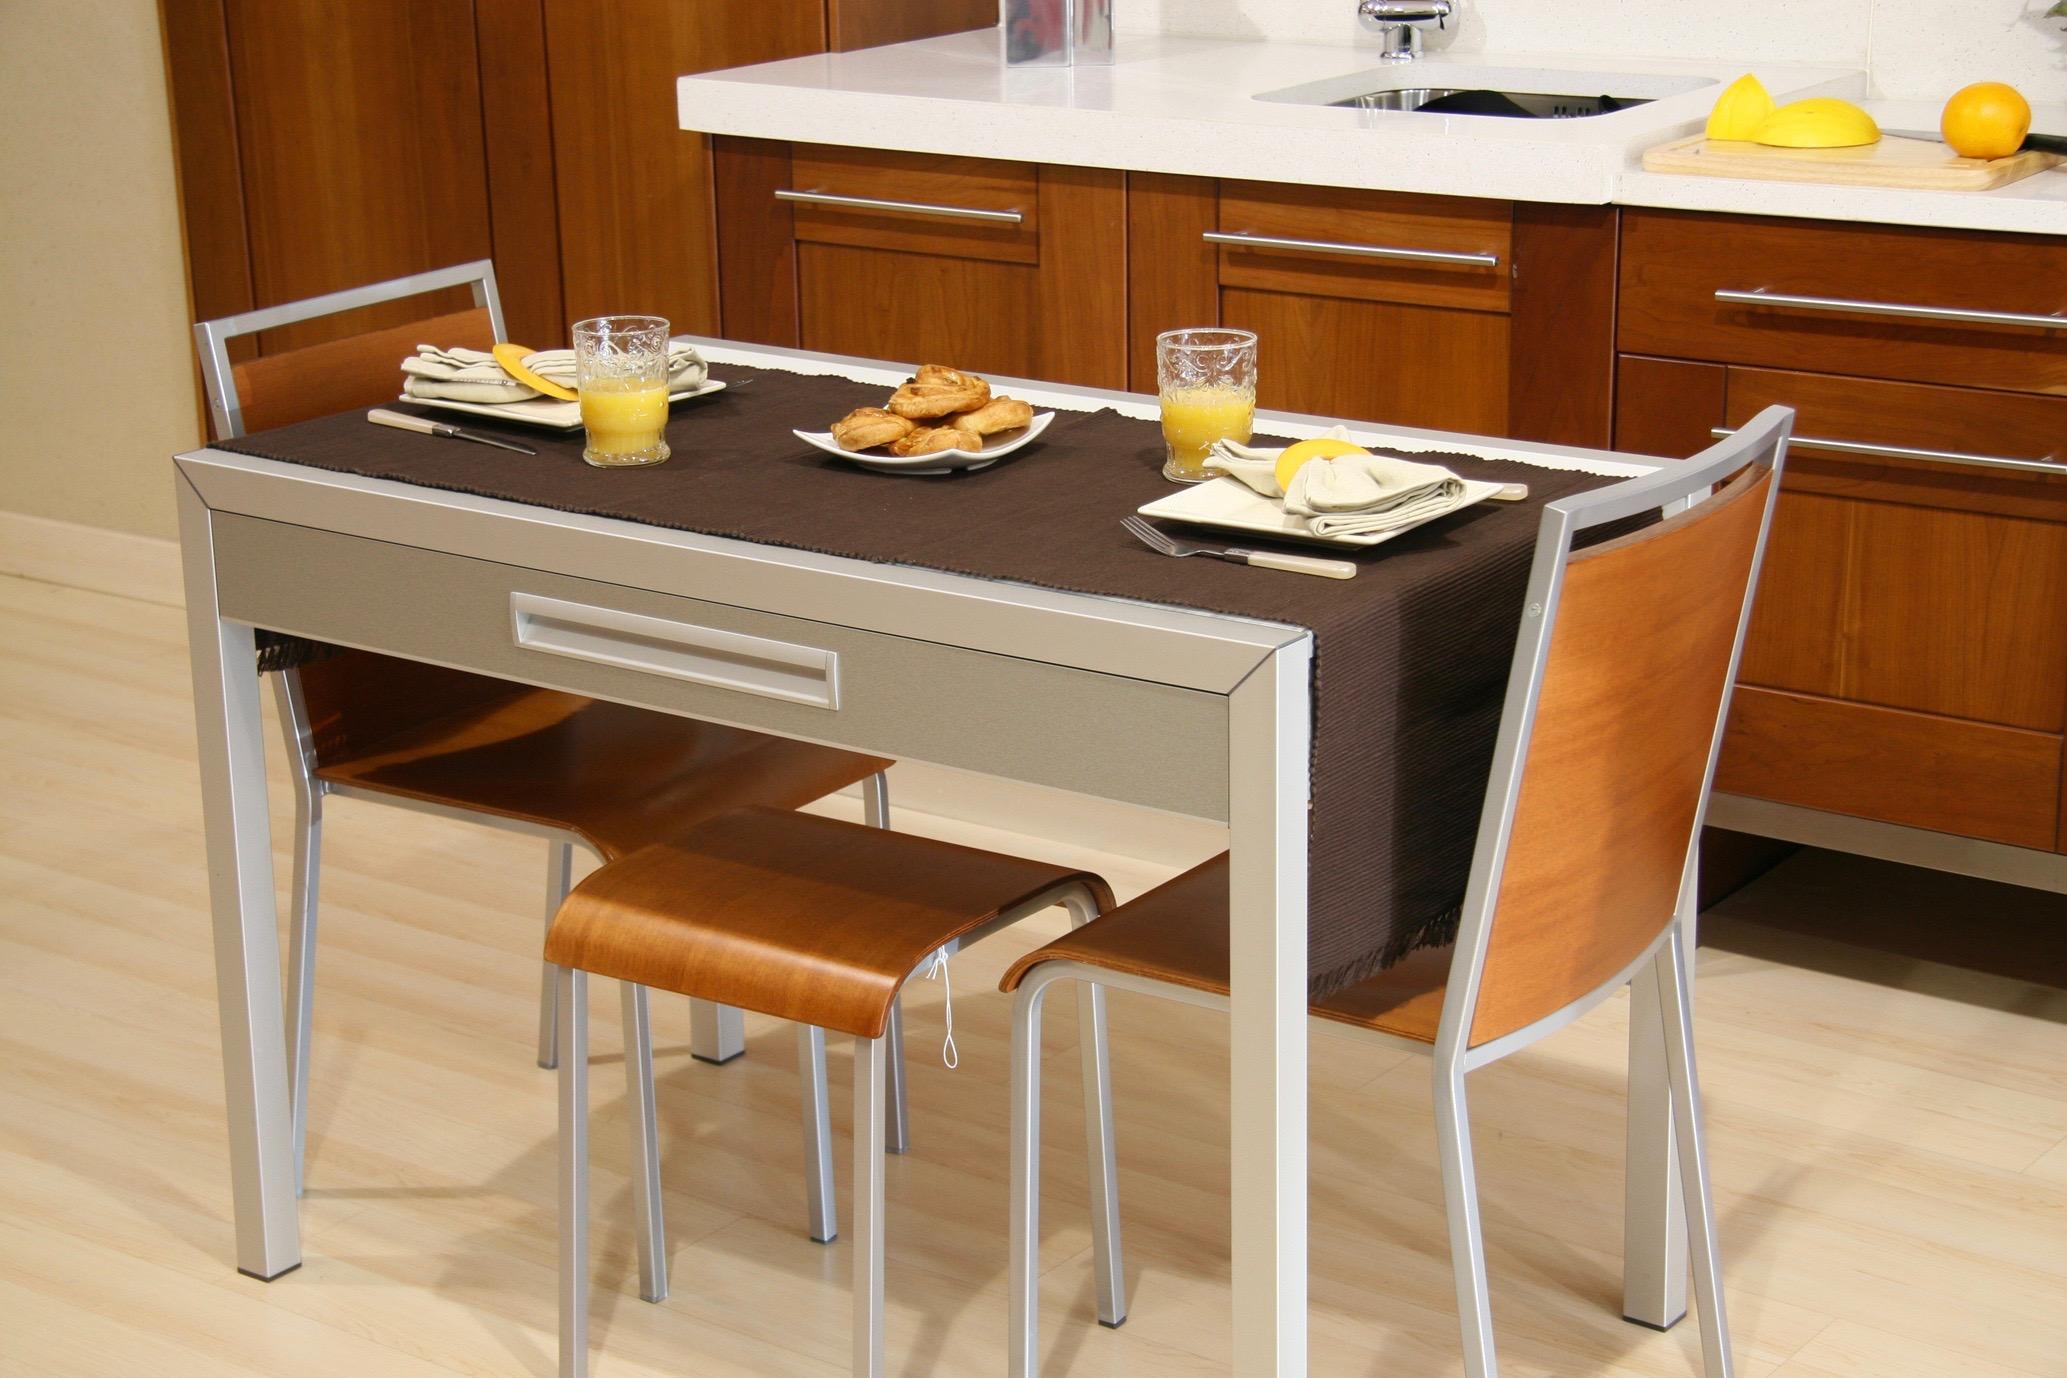 Tiendas Muebles Santander : Nuestras cocinas premium josman hermanos tienda de